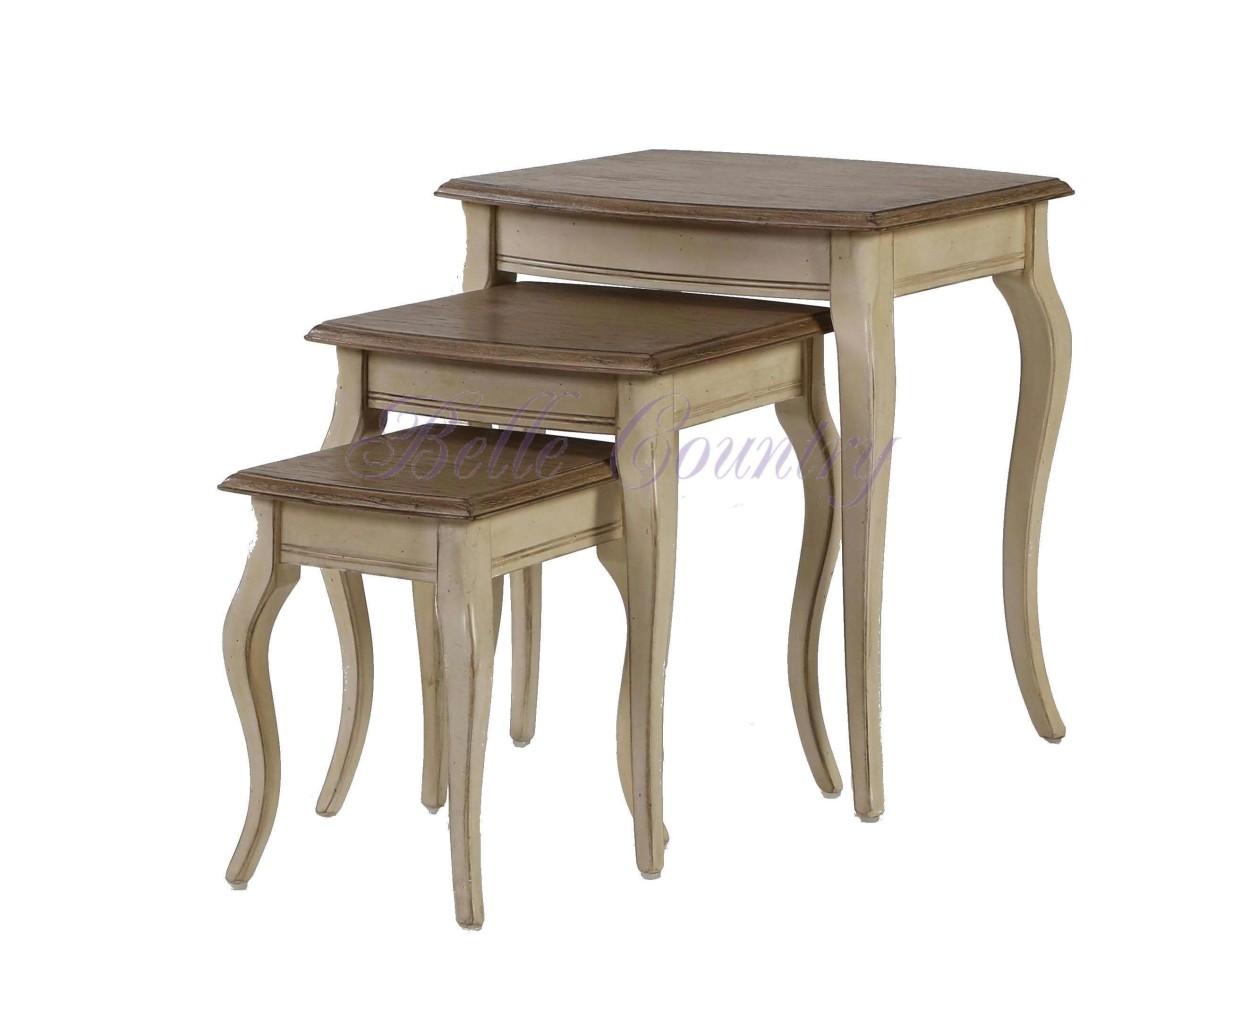 H801-Комплект-столиков-52x45x56-Цвет-D-68-Grey-Серо-бежевый-собран